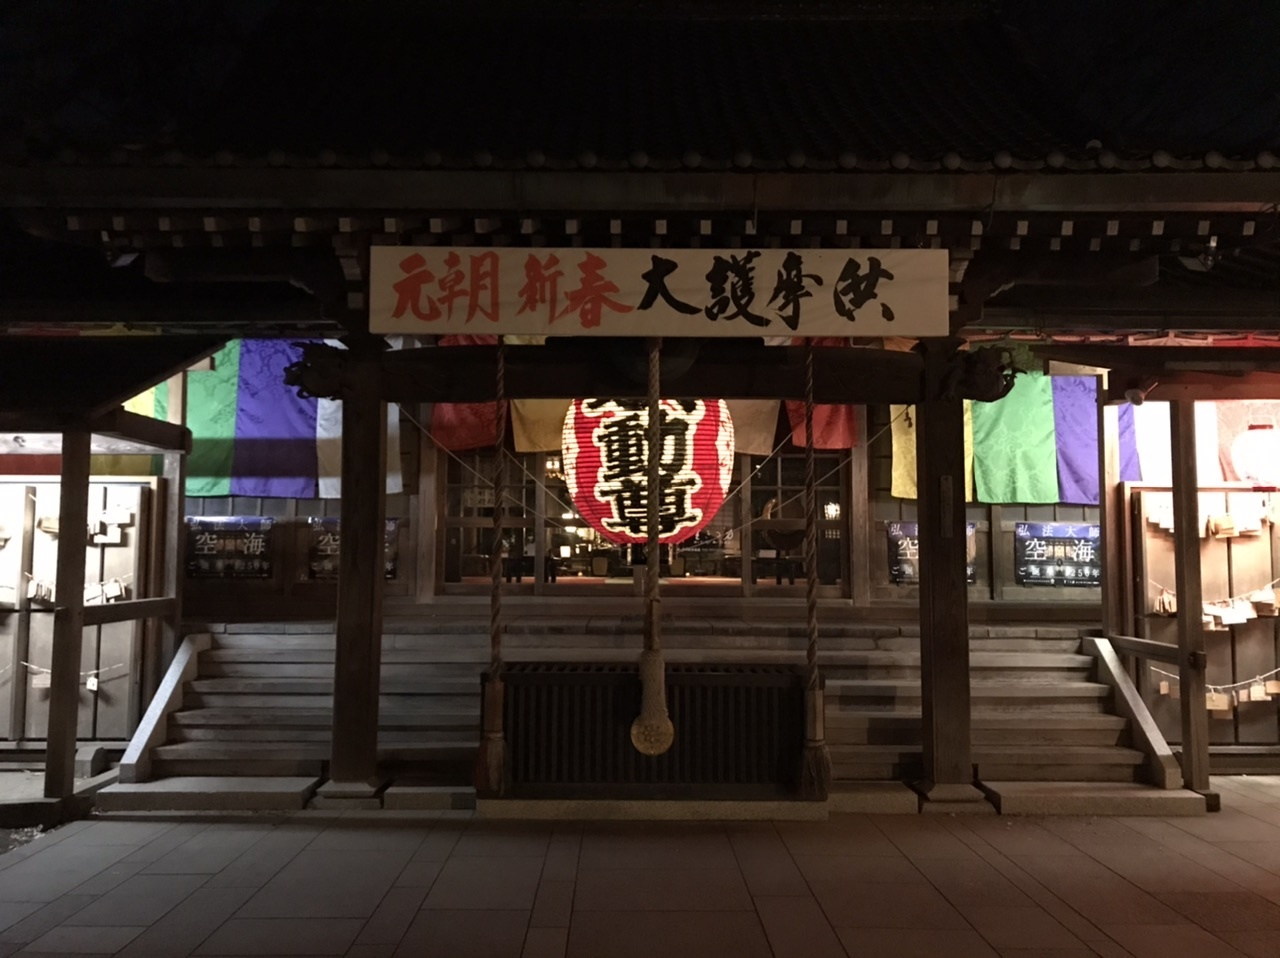 1月1日 初詣 等々力不動_a0317236_21284600.jpeg